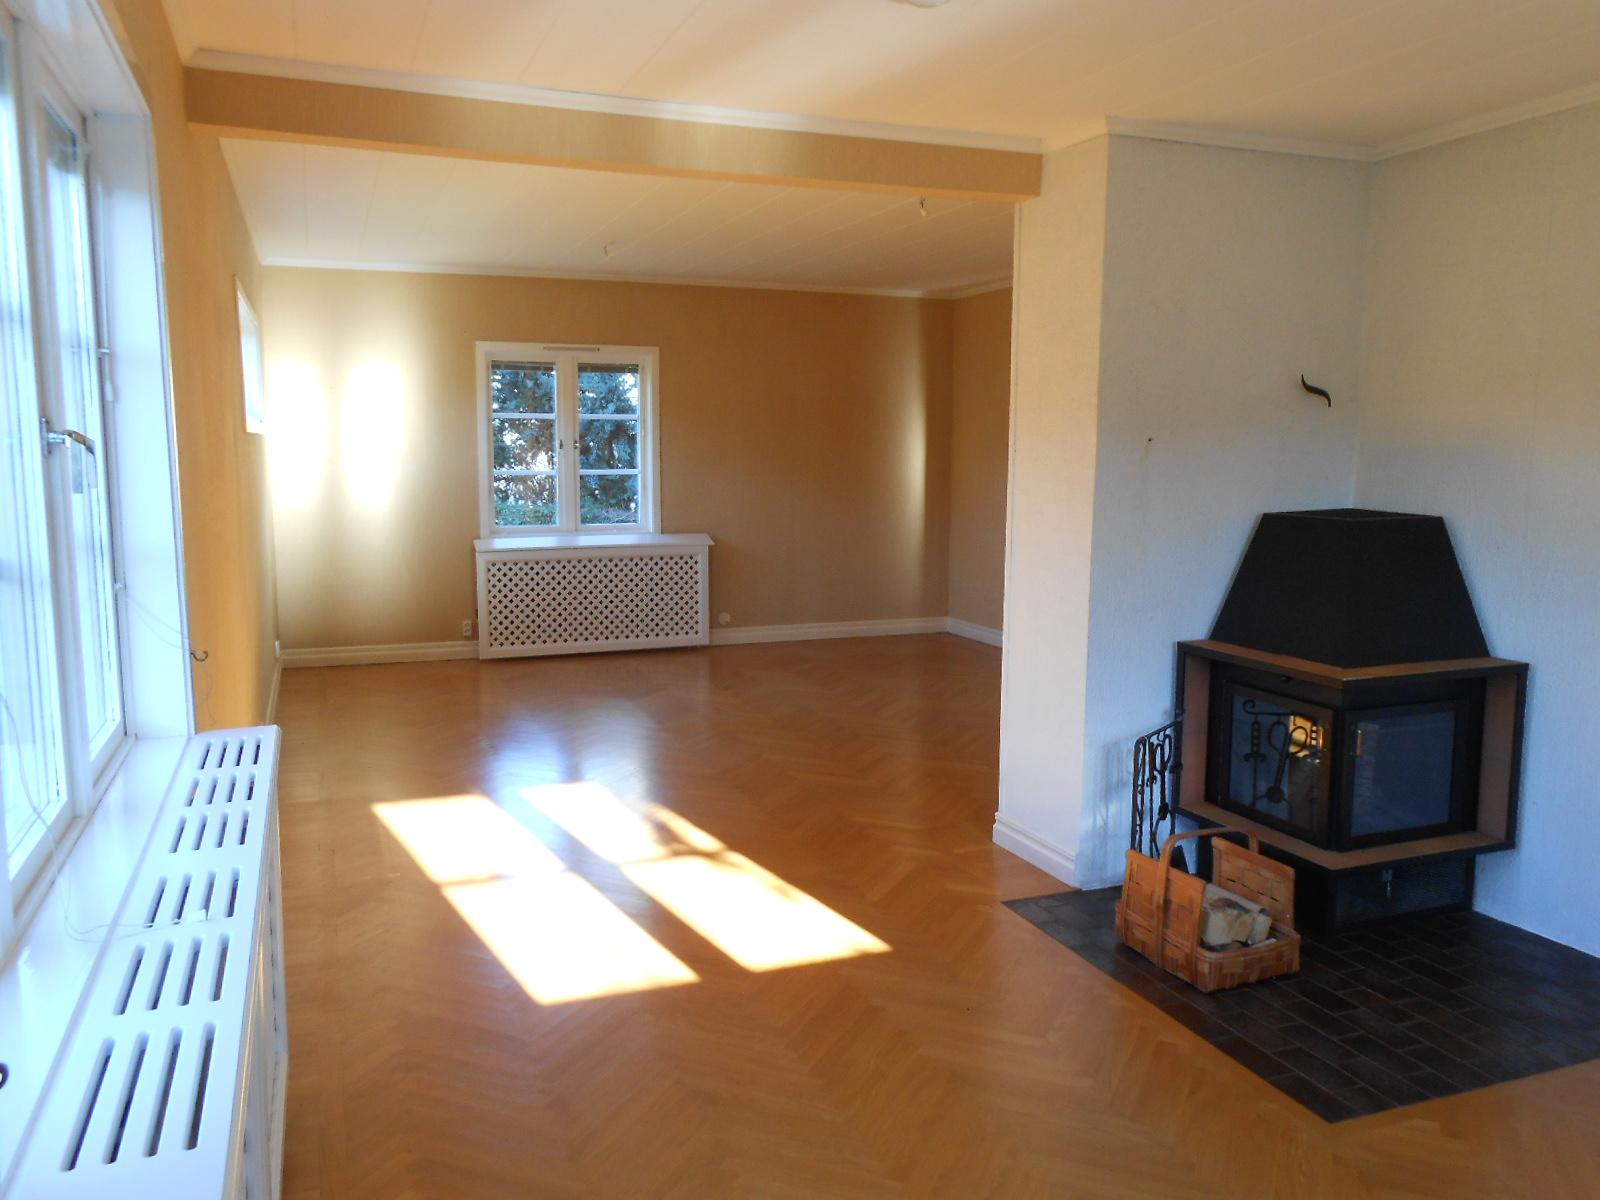 Det nya huset: nu är det nya huset vårt!